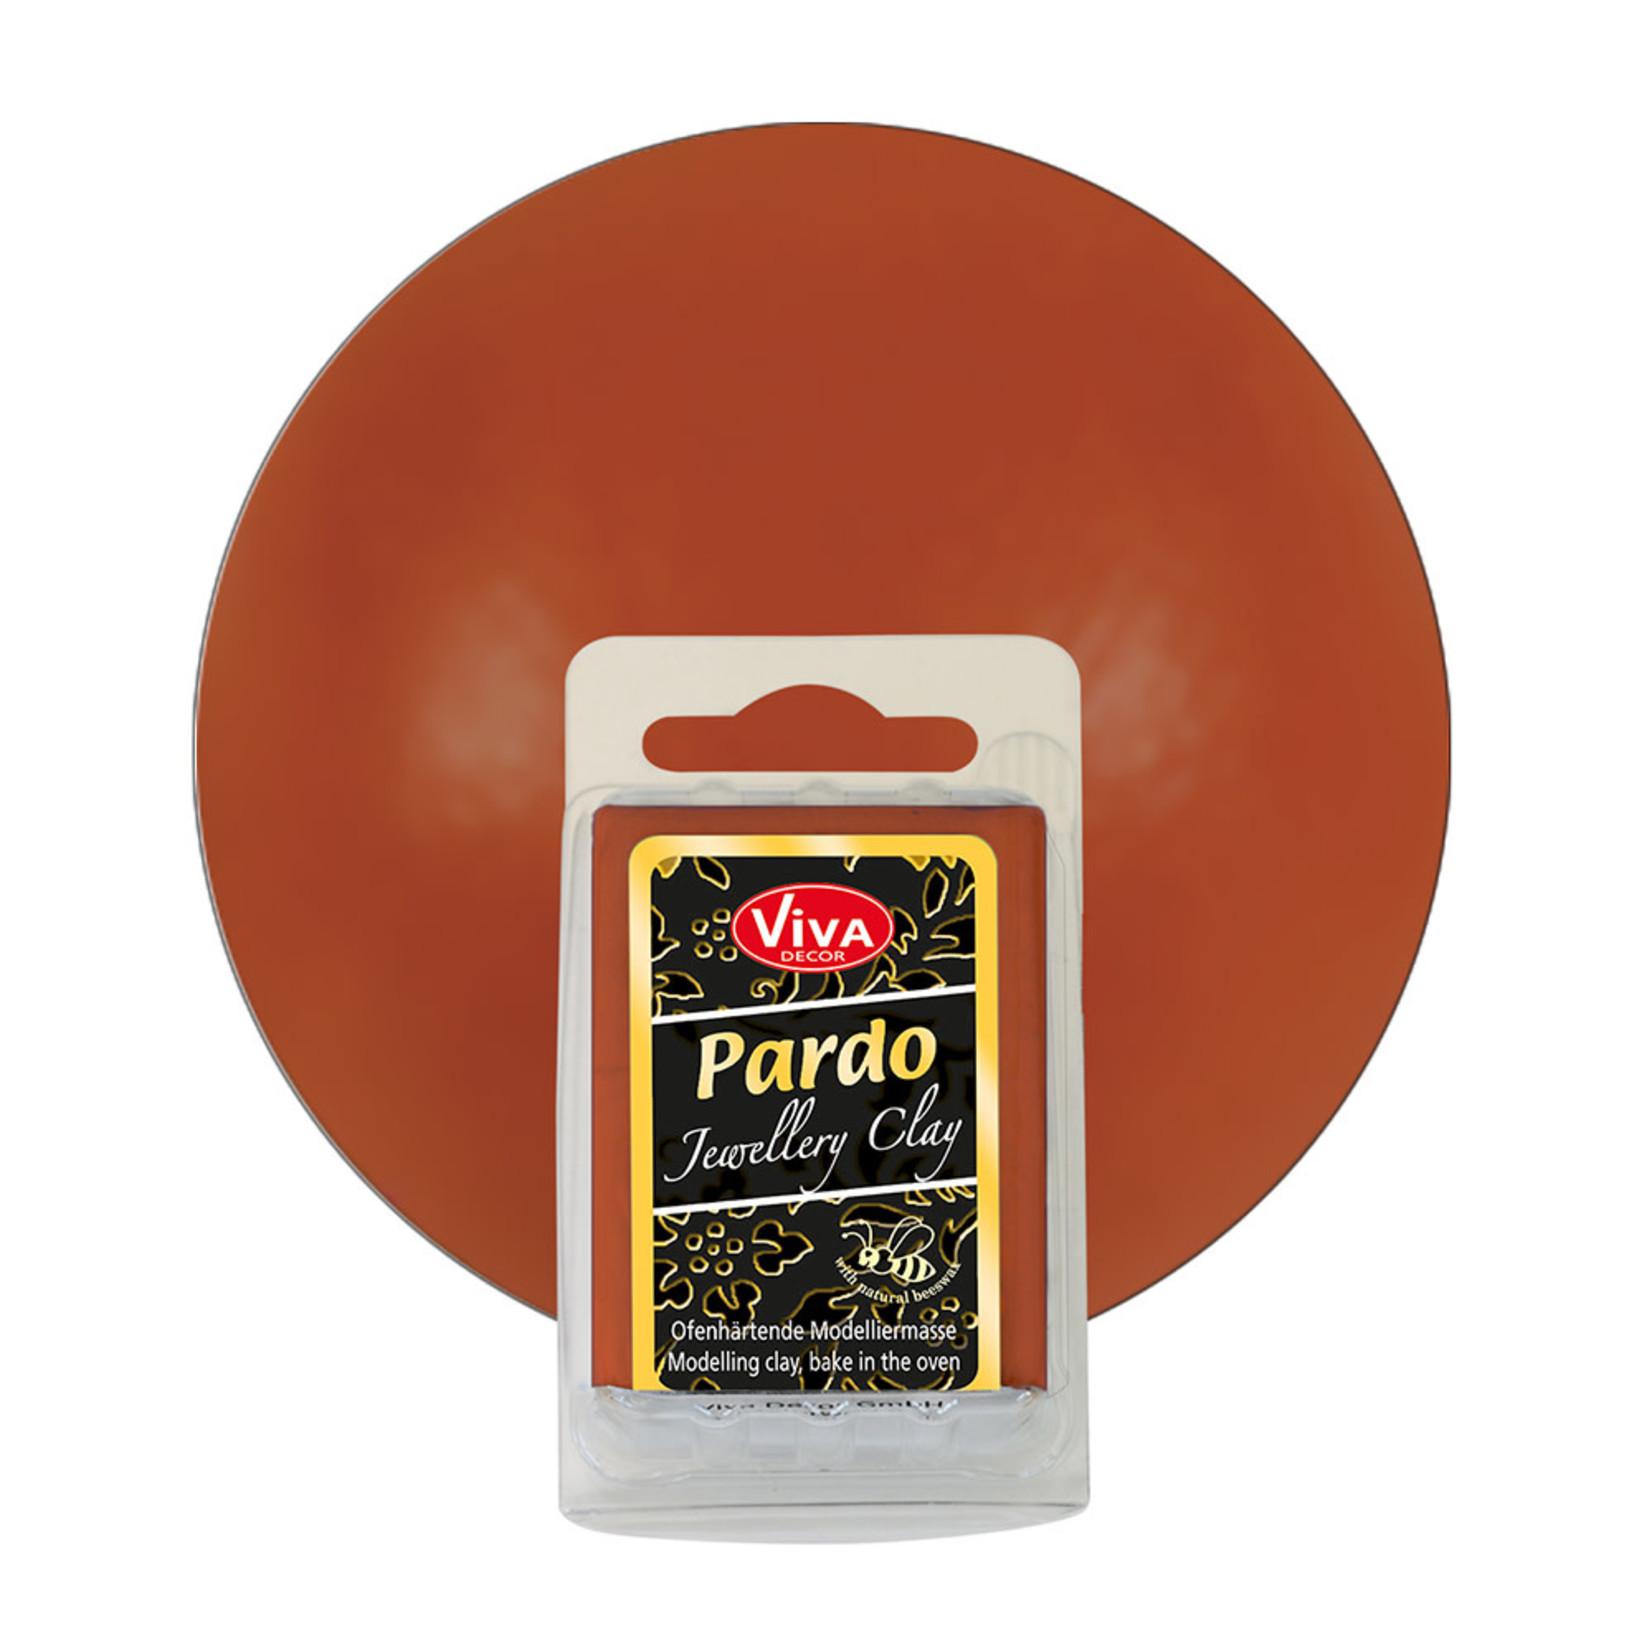 PARDO Jewelry Clay Coral, 56gr